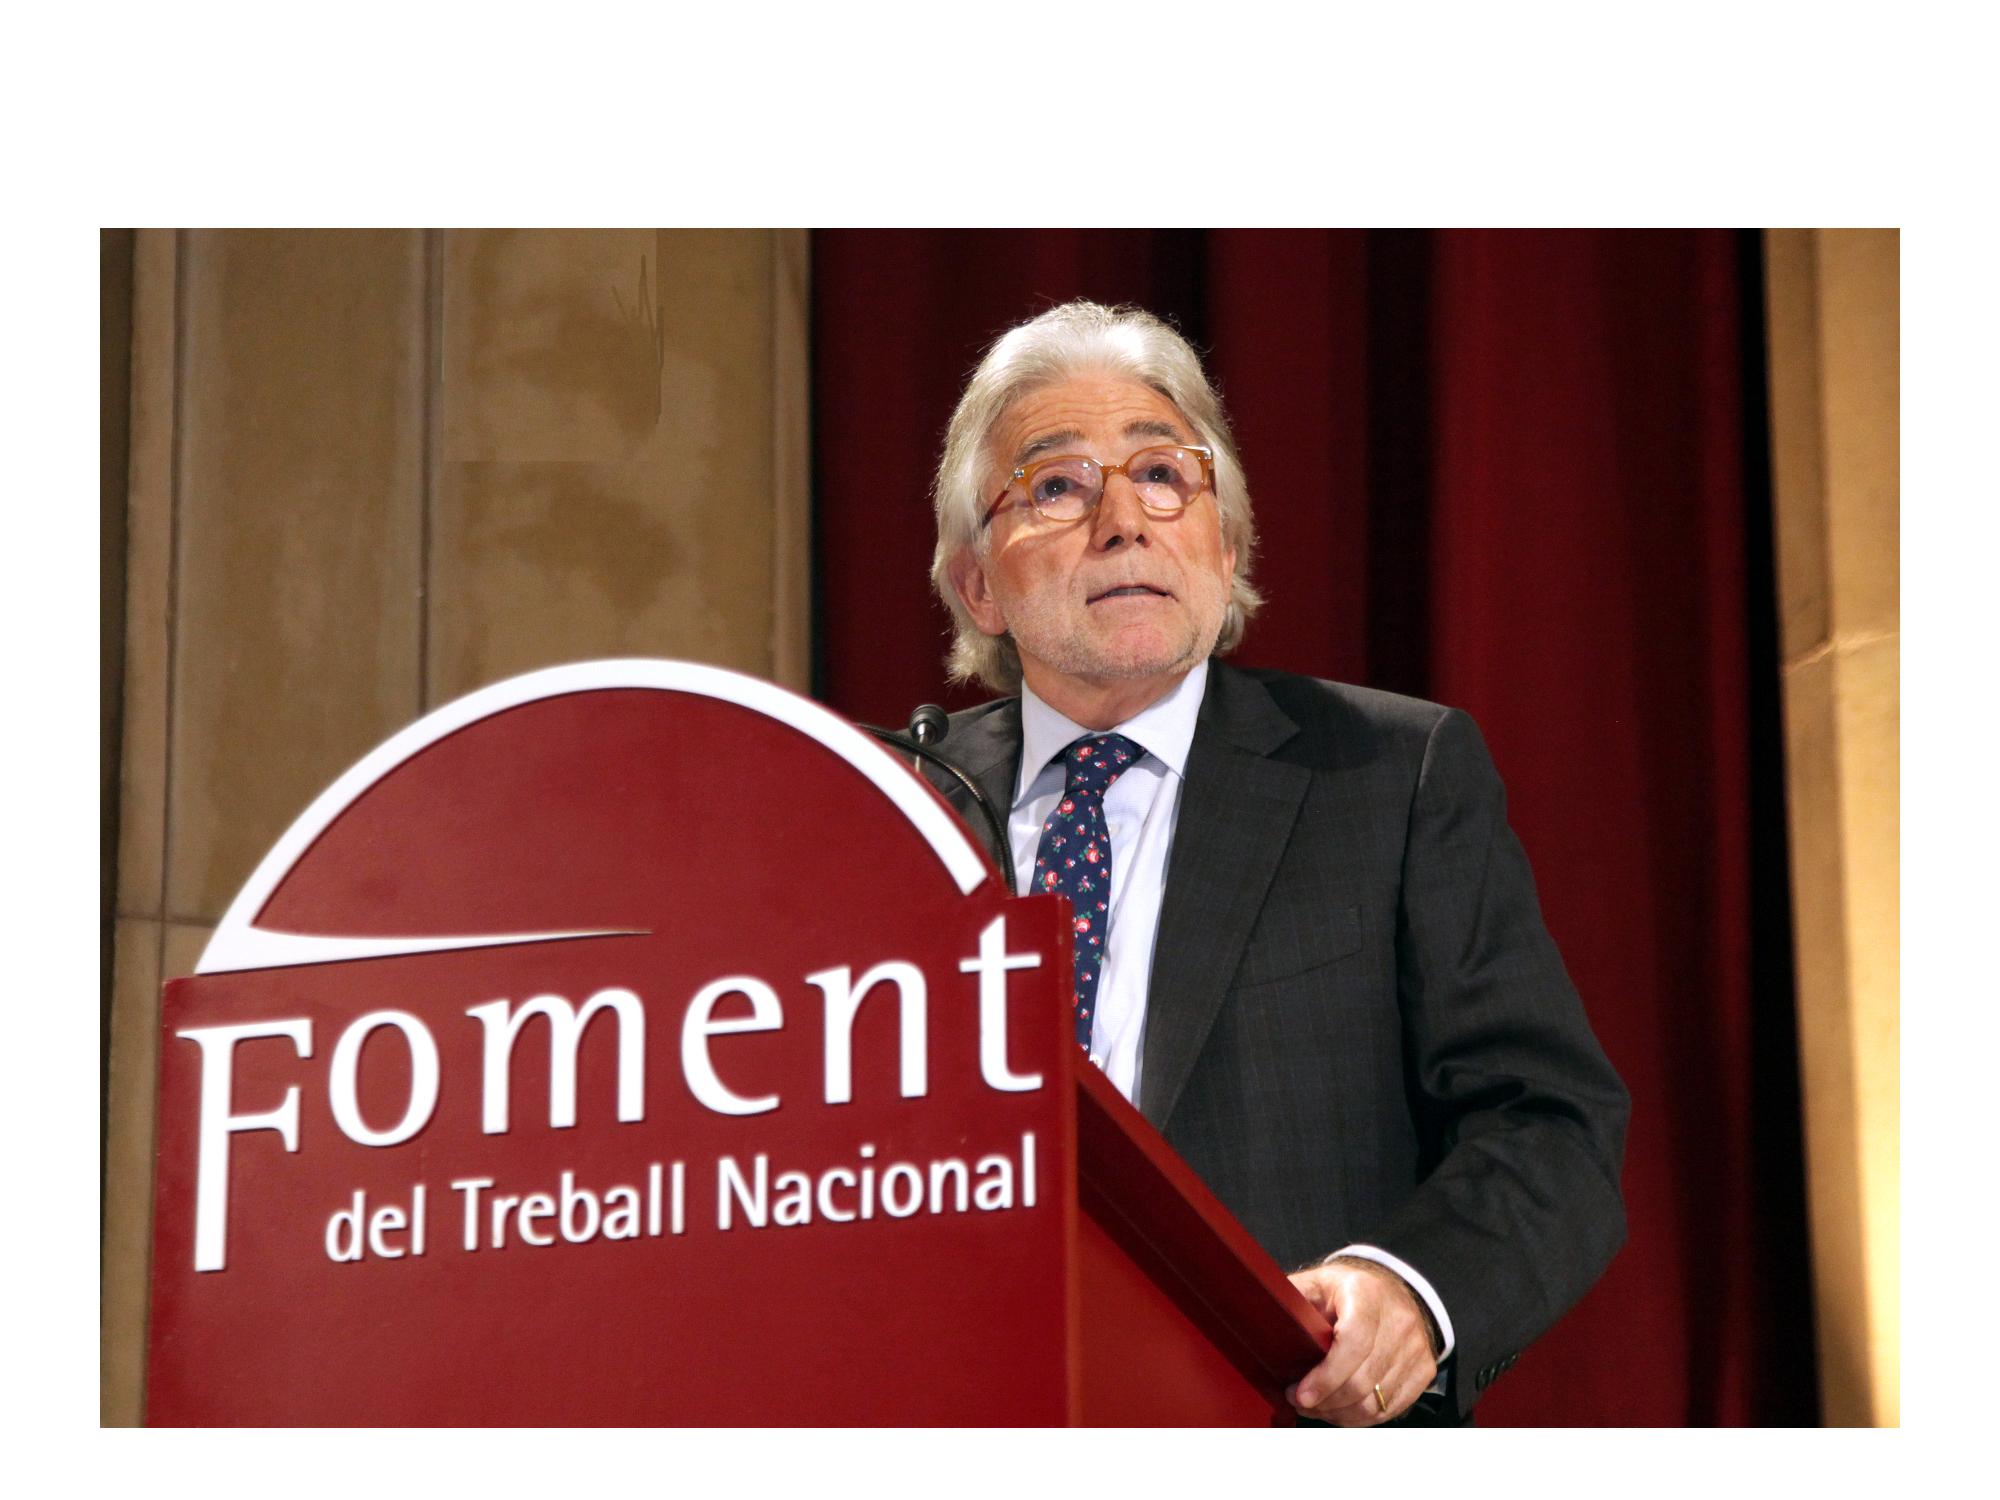 Josep Sánchez Llibre tiene un compromiso firme y exclusivo con el Foment del Treball y el progreso empresarial, económico y social de Cataluña